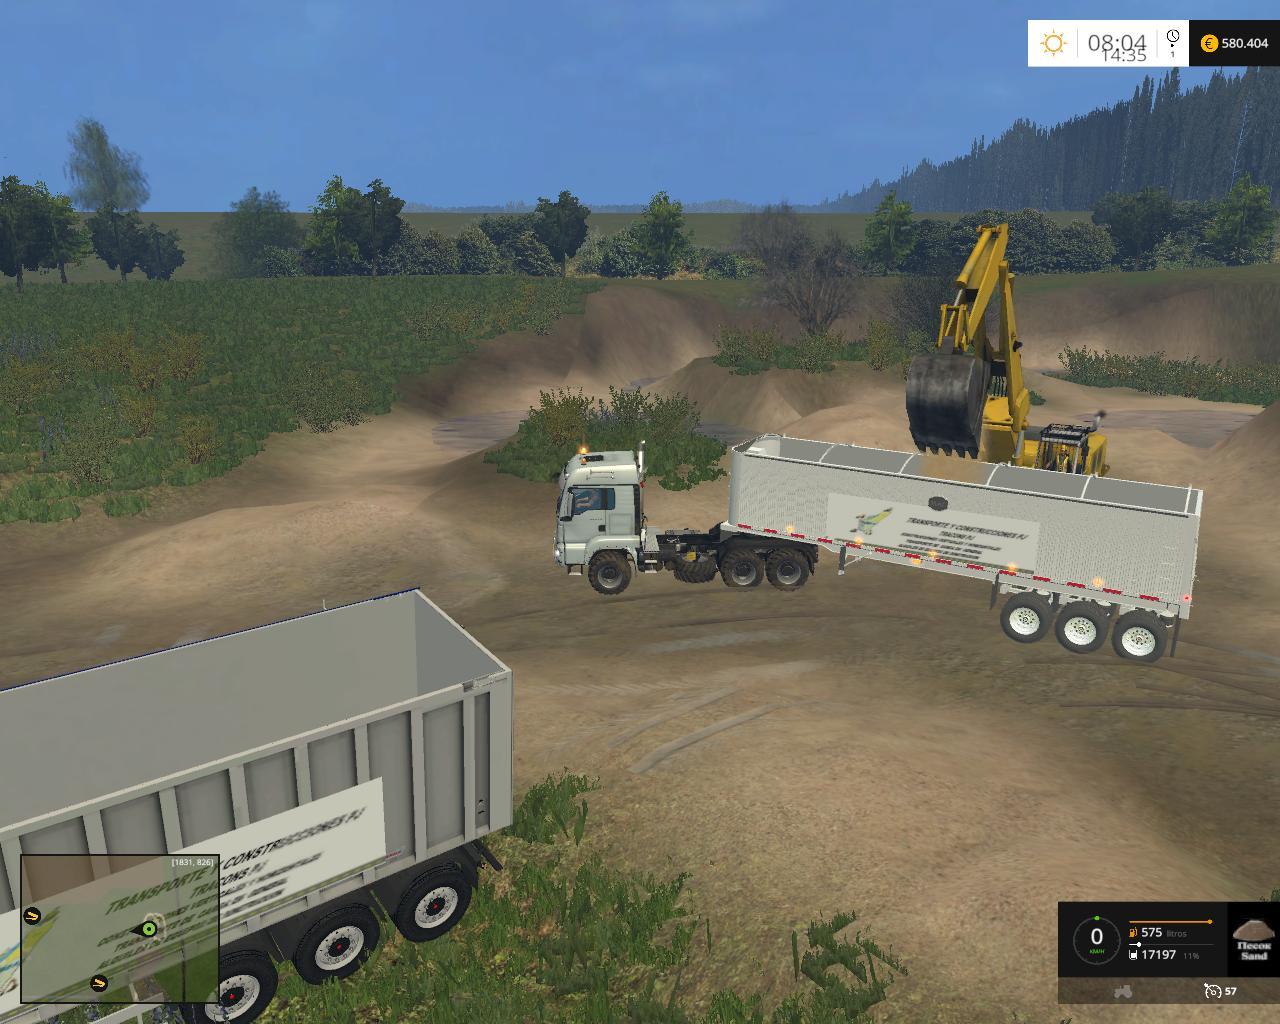 Farming Simulator 2017 - PC, Farming Simulator 17 od Giants Software vás zve do náročného světa moderního farmaření. Postavte se všem výzvám farmářského života včetně chovu zvířat, pěstování plodin, prodeje výrobků a d